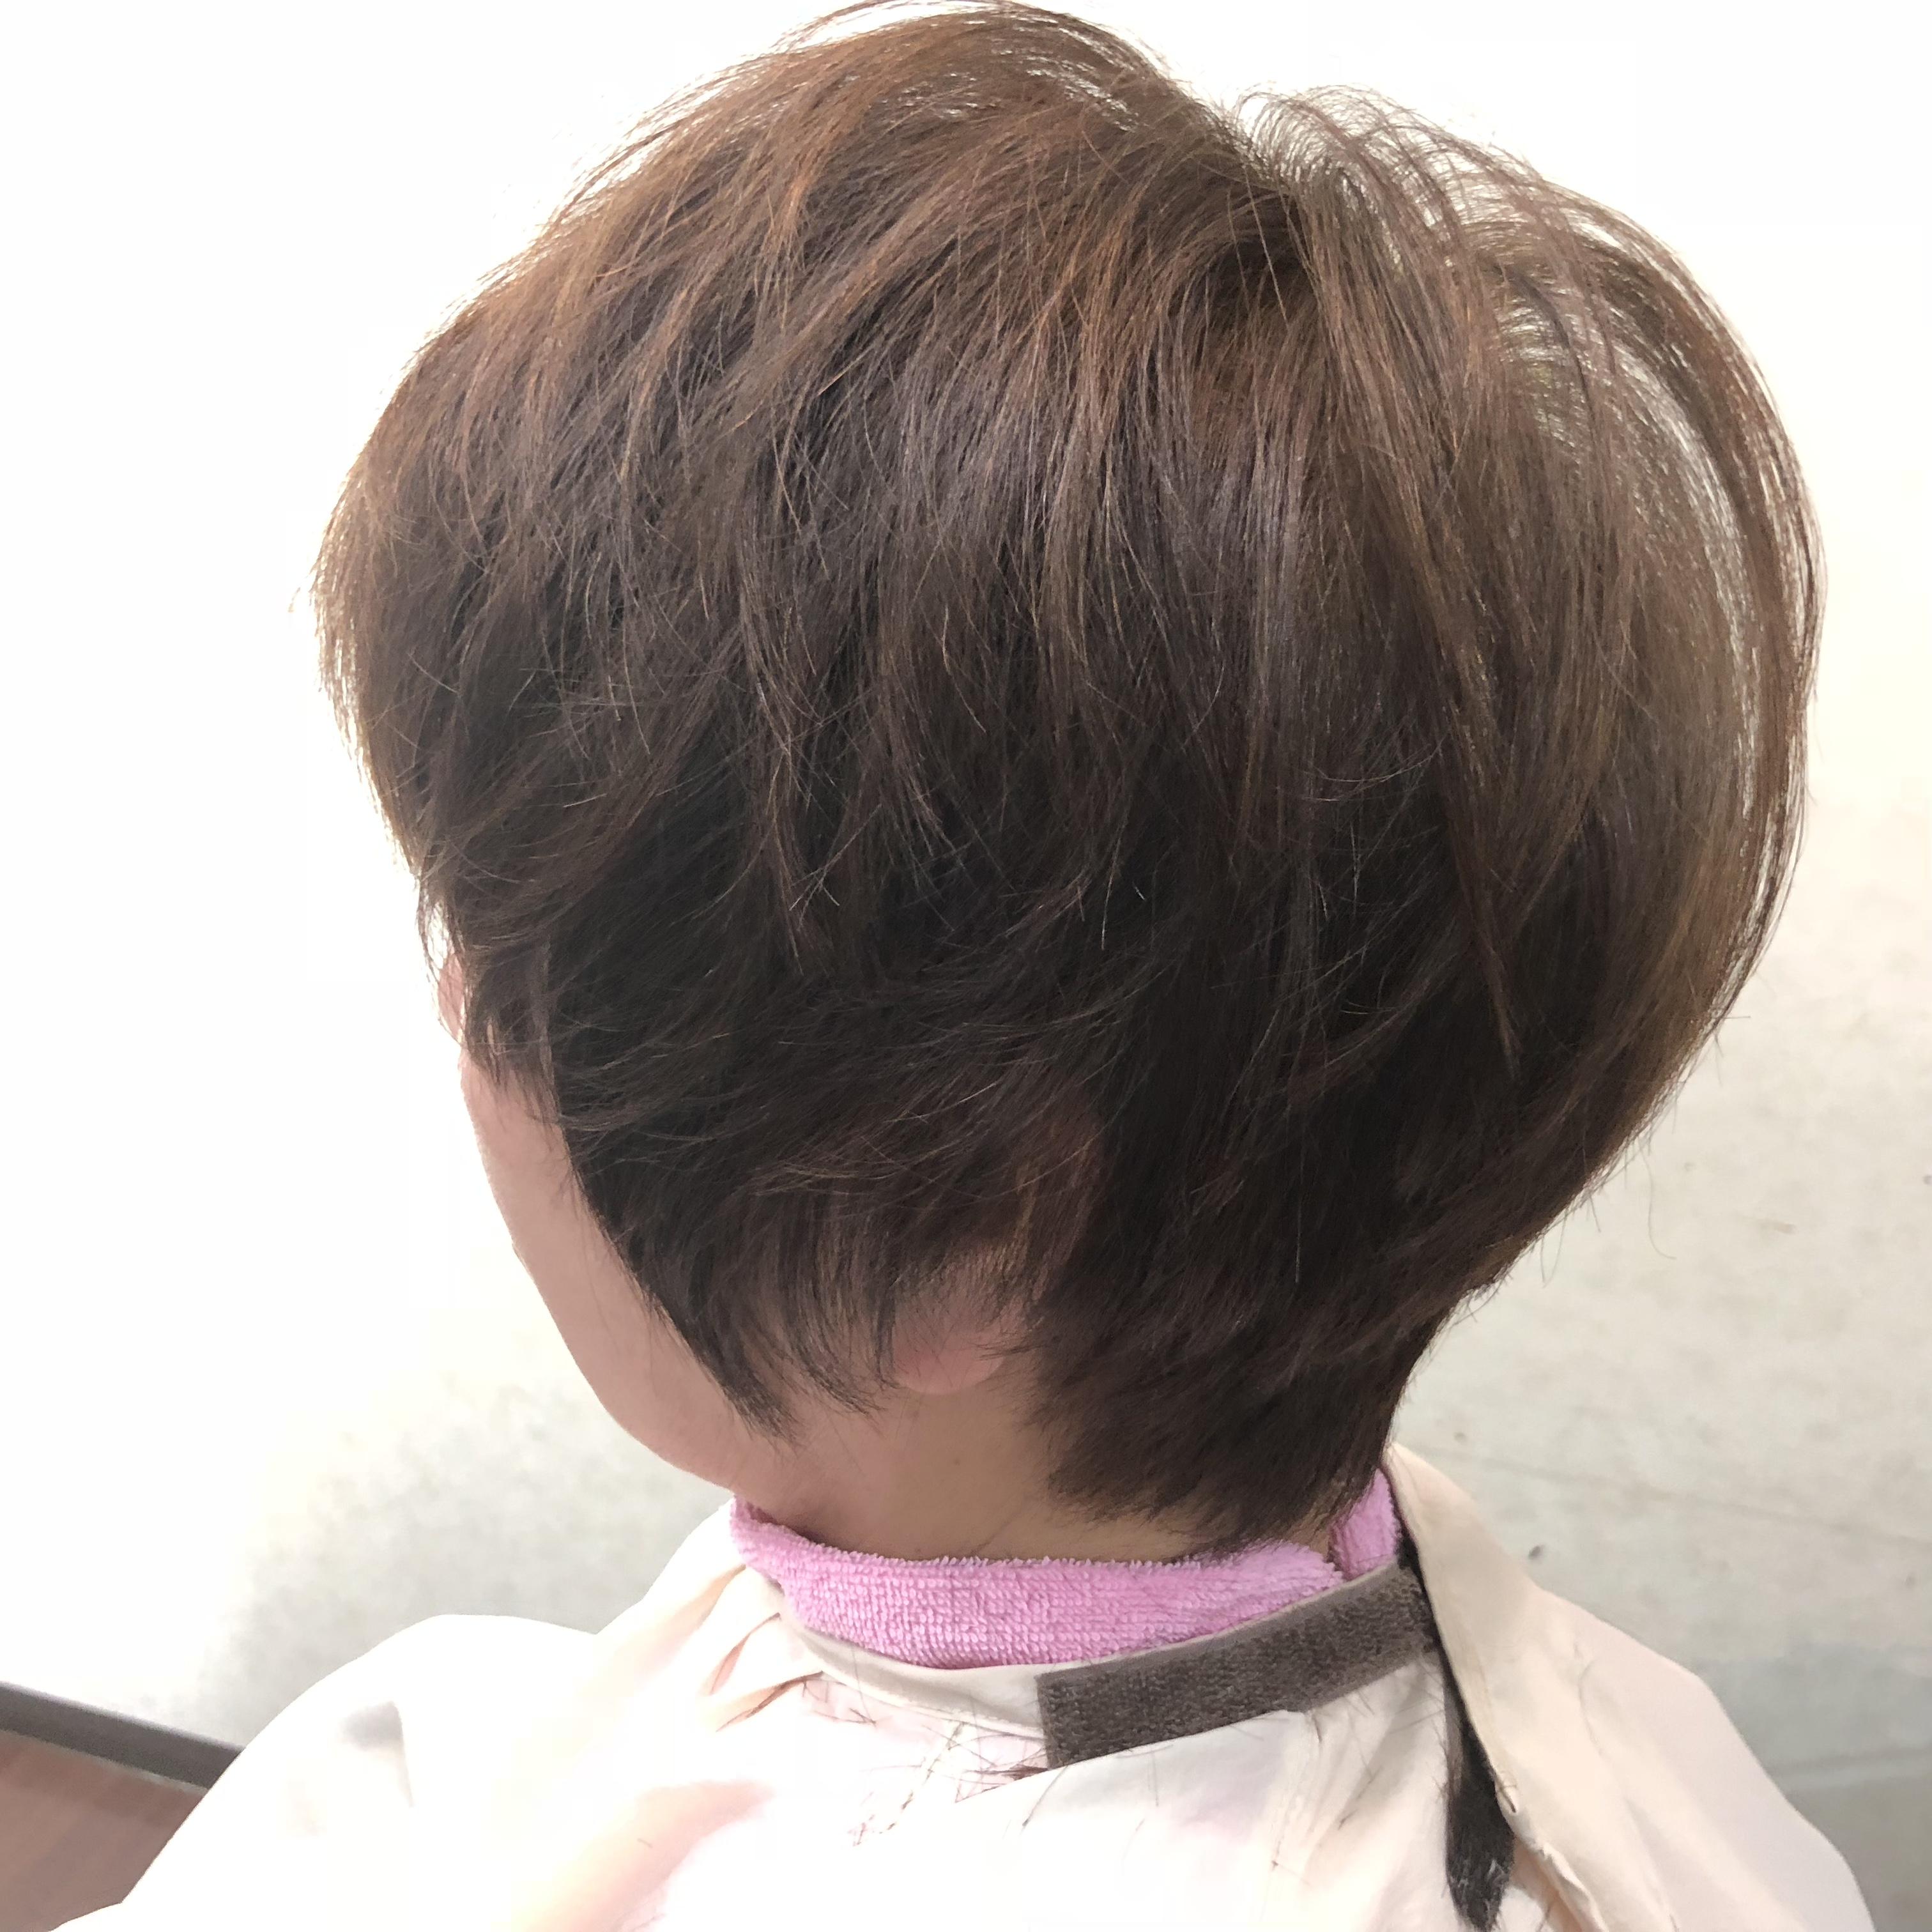 70代ヘナに変えて髪がしっかり頭皮も調子よく抜け毛も減った。(動画)